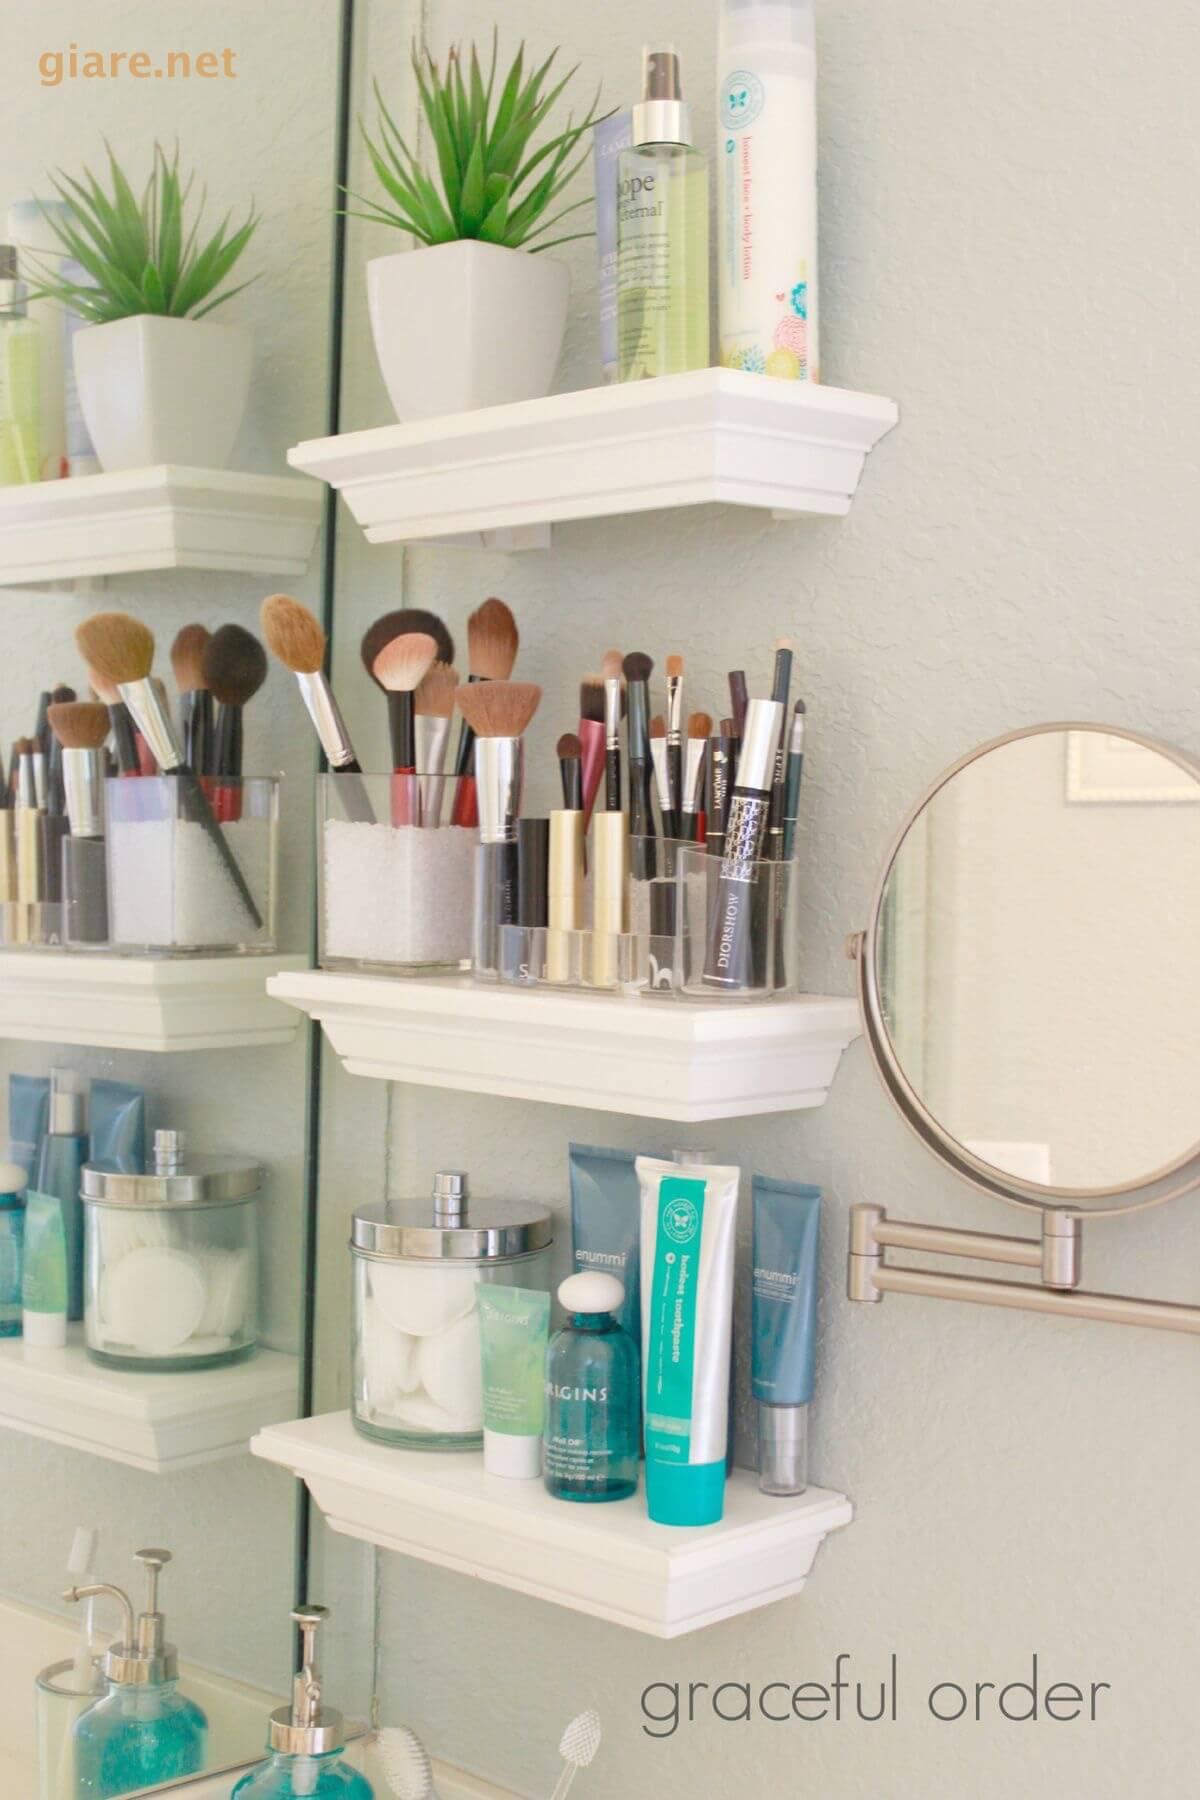 Fullsize Of Images Of Bathroom Shelves